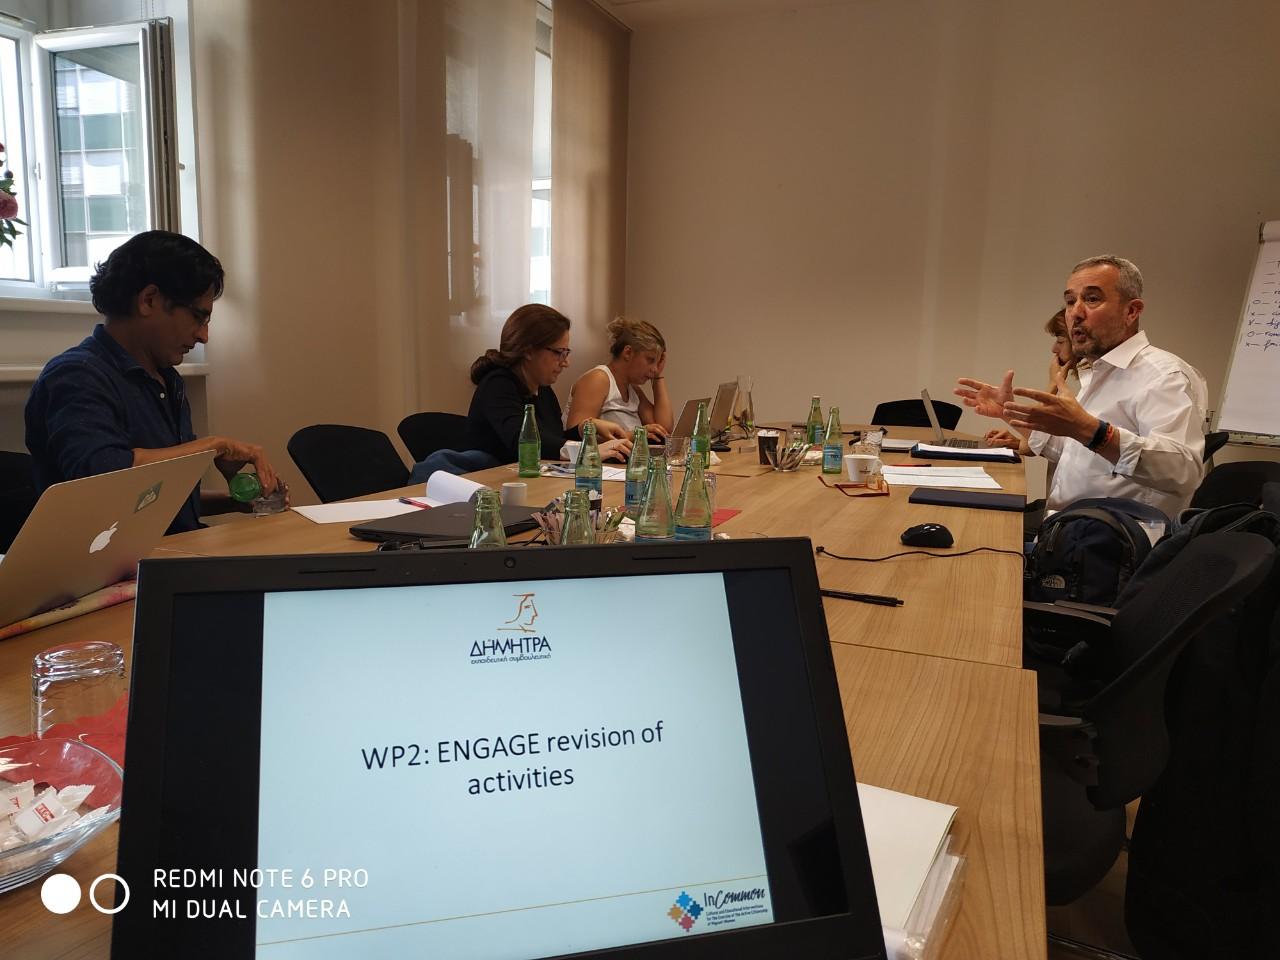 Συνάντηση στο πλαίσιο ευρωπαικού προγράμματος που συμμετέχει ο Δήμος Λαρισαίων